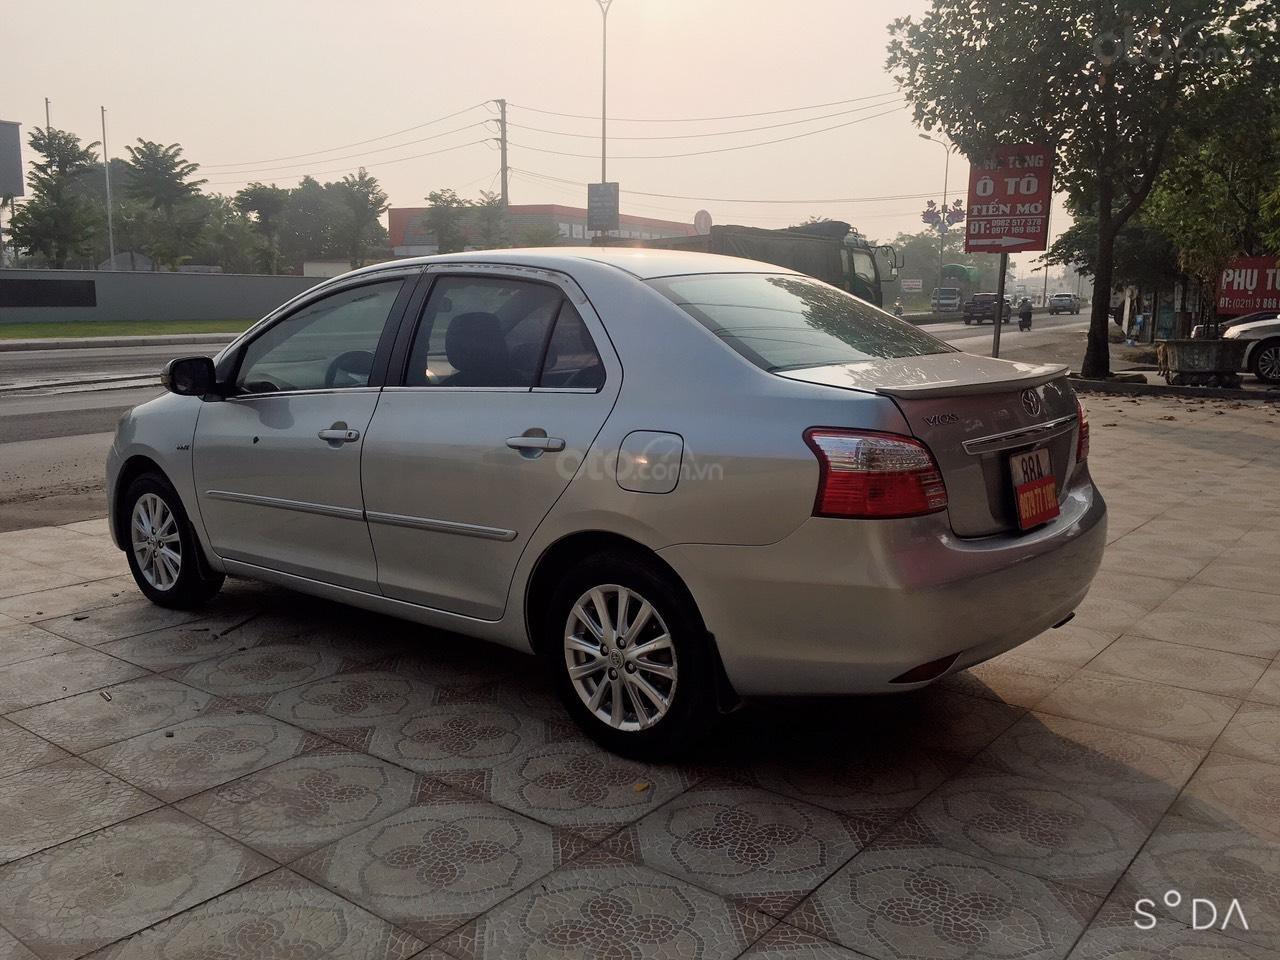 Bán Toyota Vios đời 2010 giá cực rẻ (9)